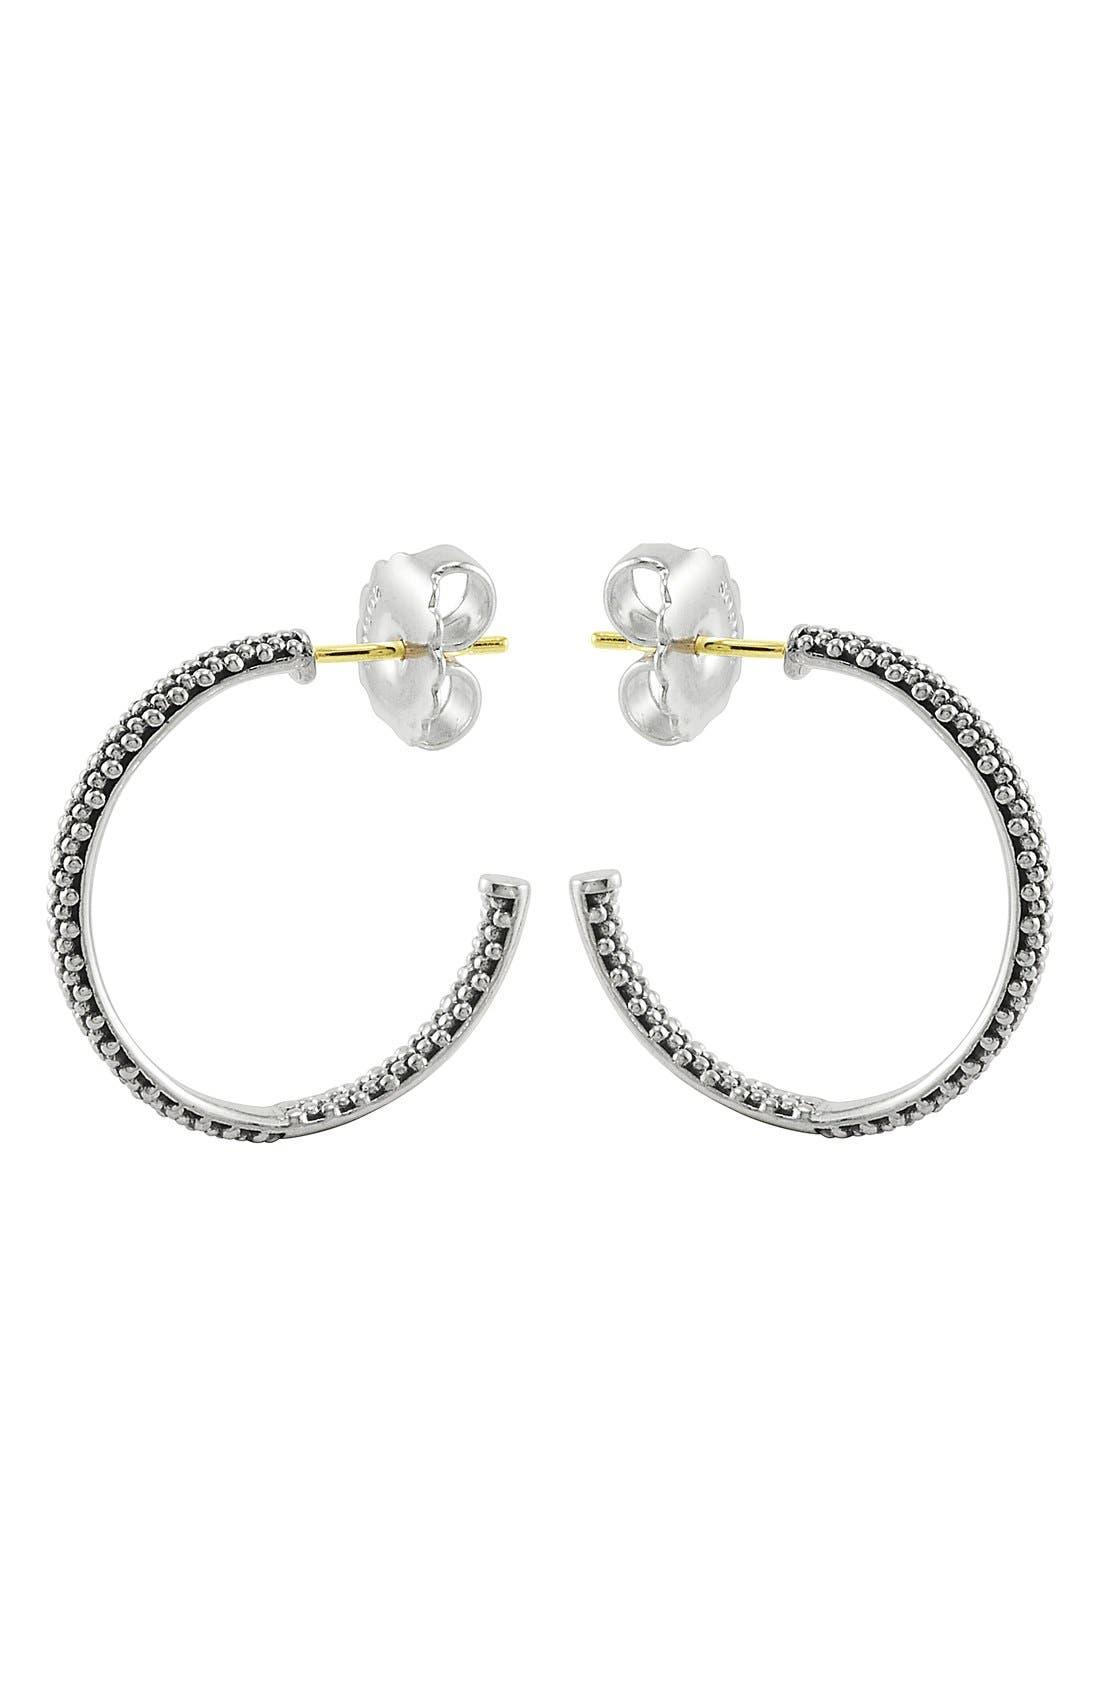 Caviar Hoop Earrings,                             Alternate thumbnail 2, color,                             Sterling Silver